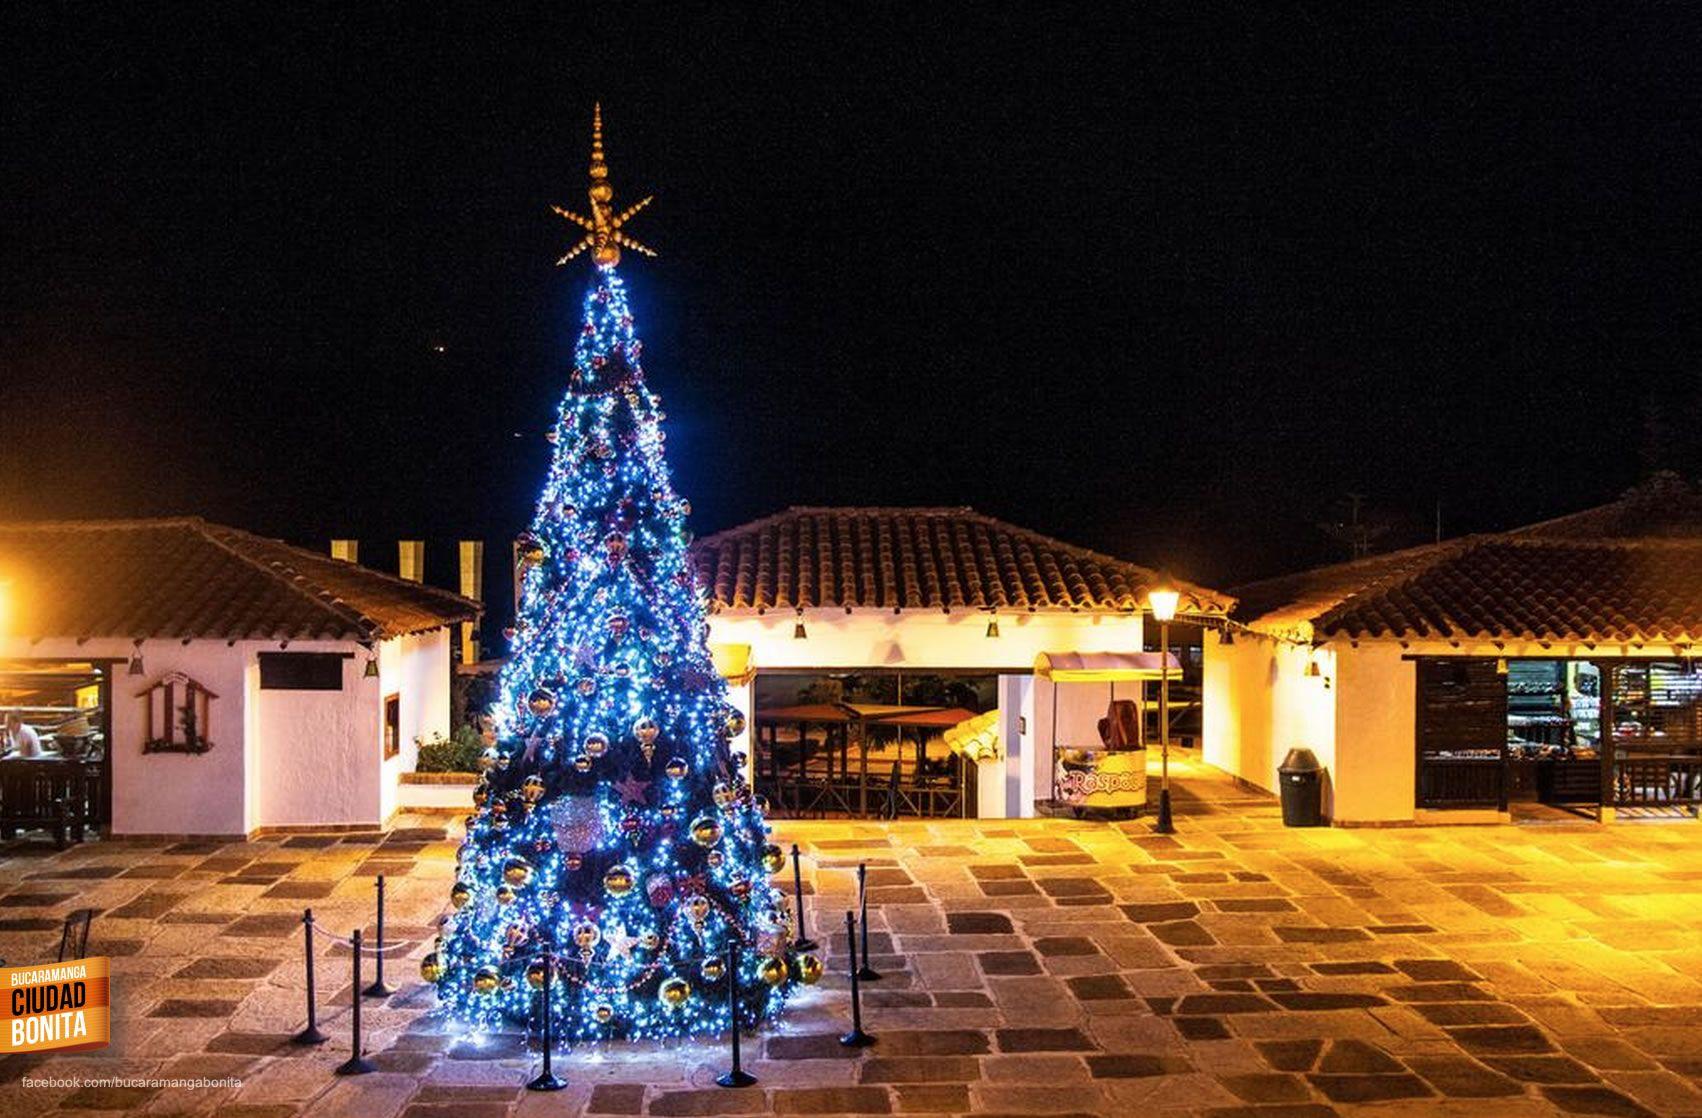 #NavidadBUC Panachi se viste de luces y se llena de esperanza en esta época decembrina. Gracias @panachioficial por la foto.